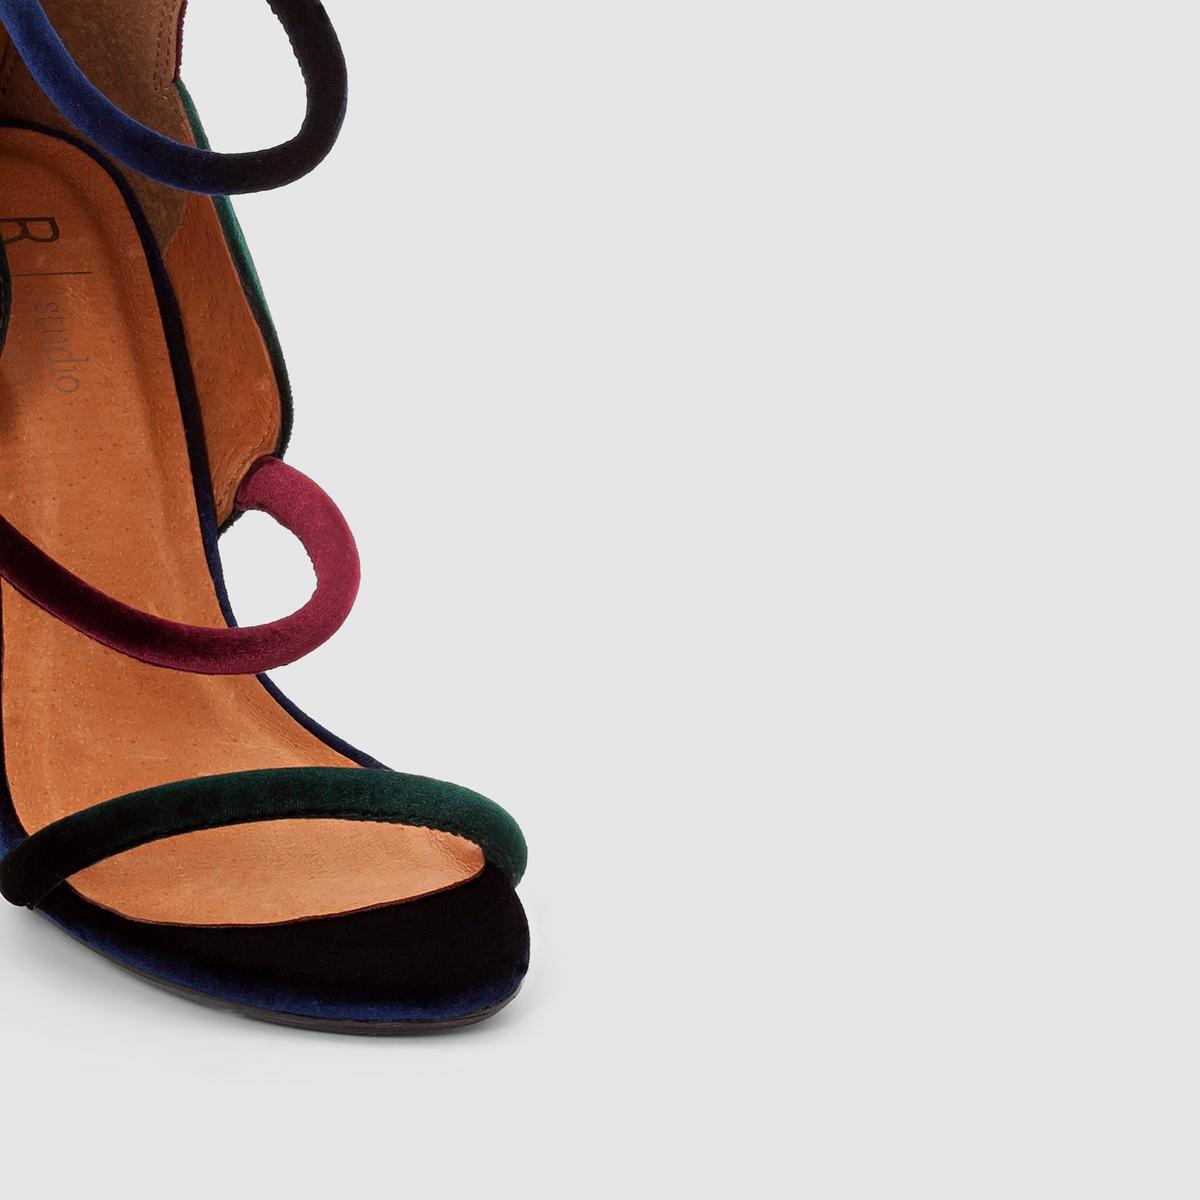 Босоножки велюровые на высоком каблуке цены онлайн